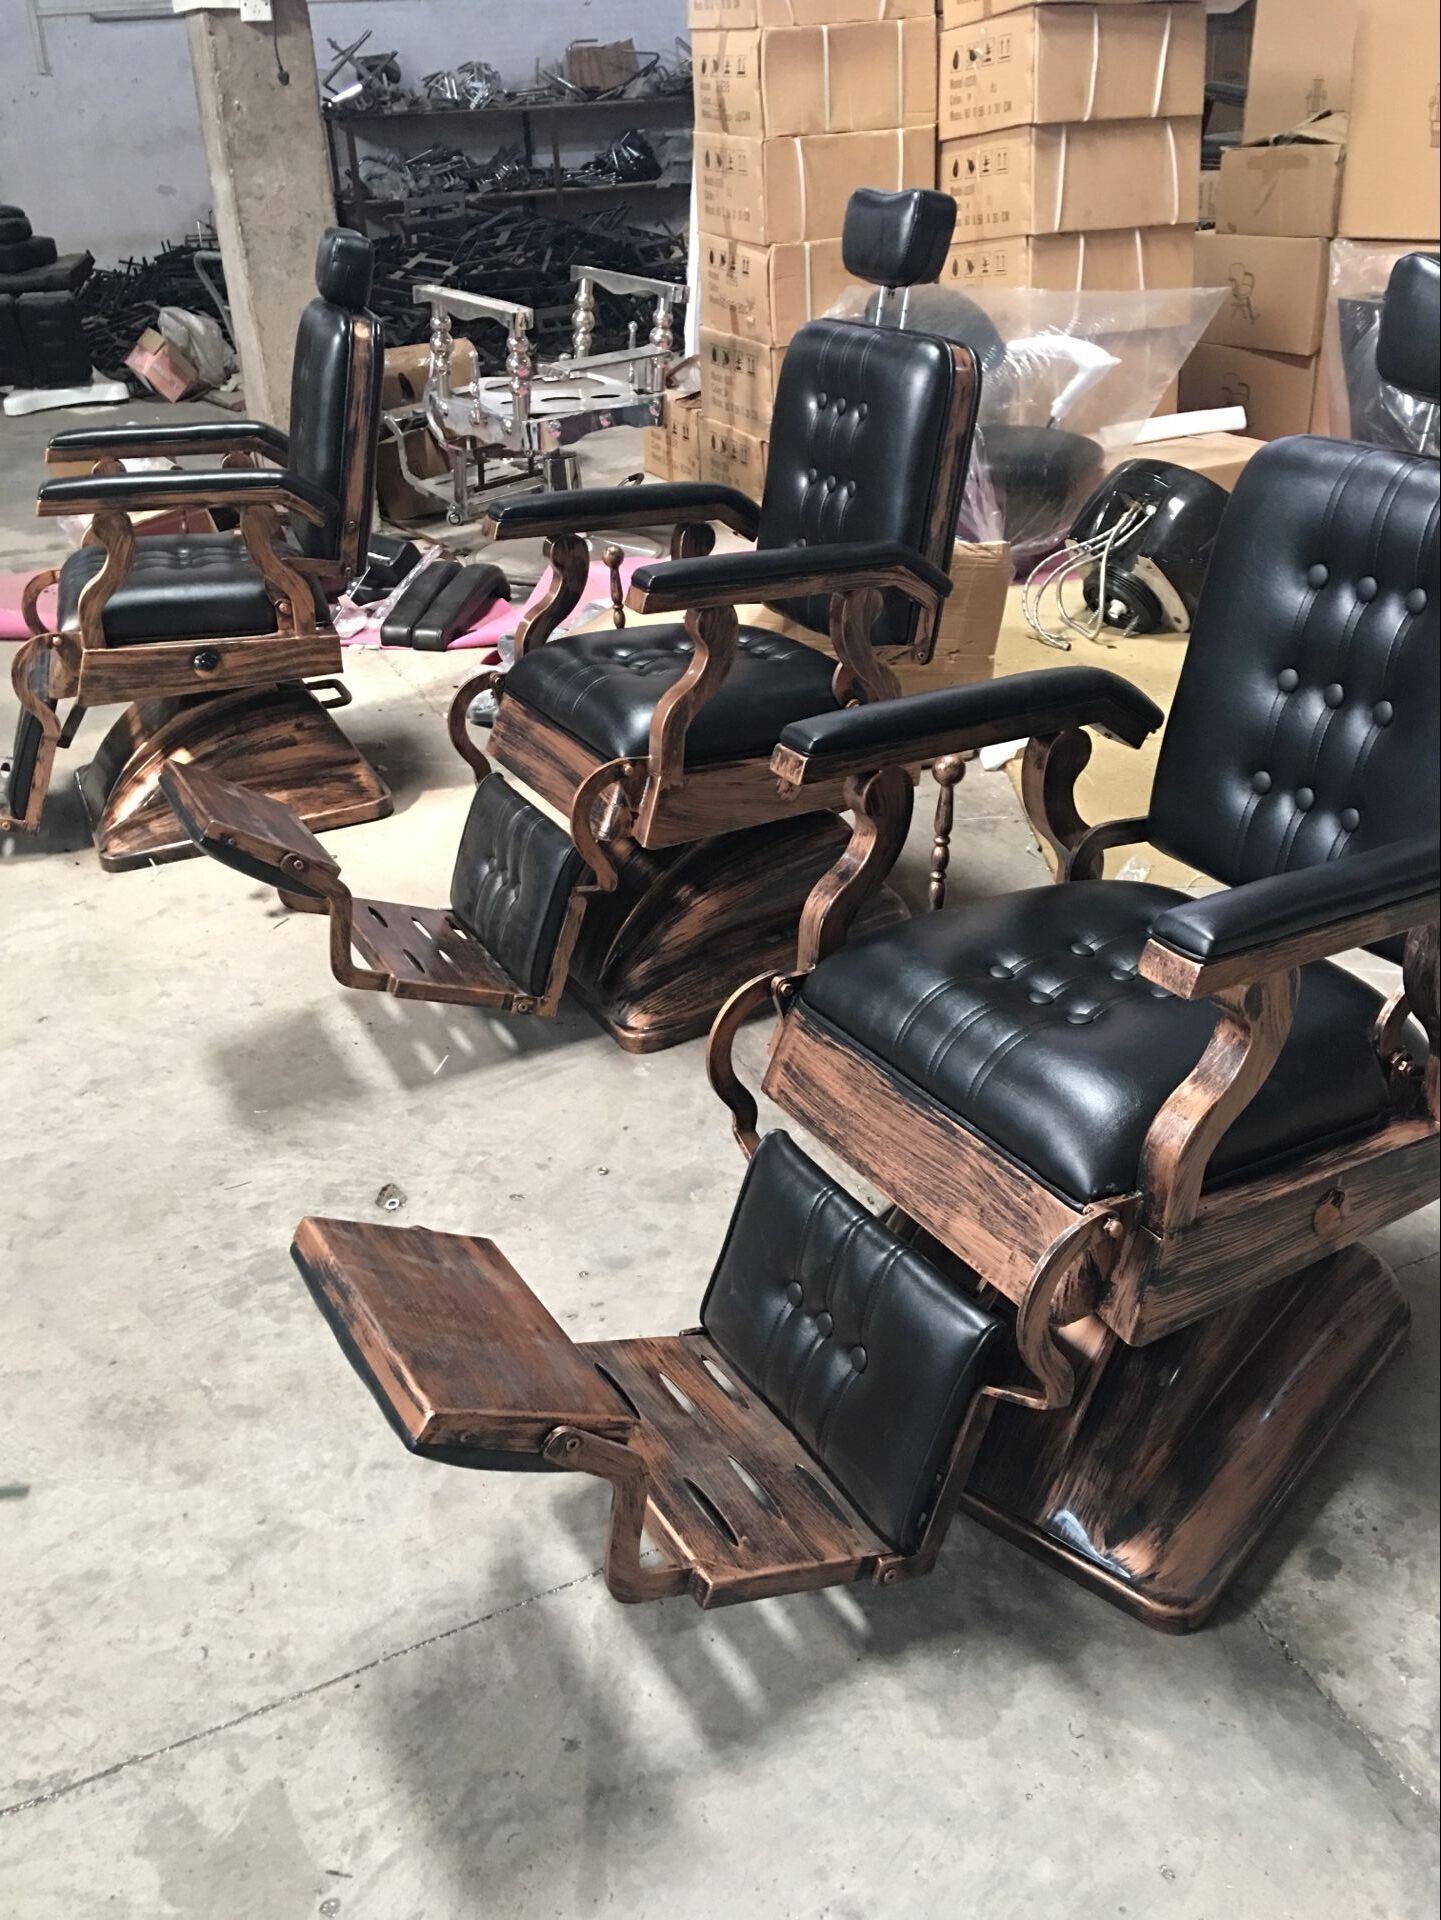 China Barber Shop Furniture Barber Chair for Sale Craigslist